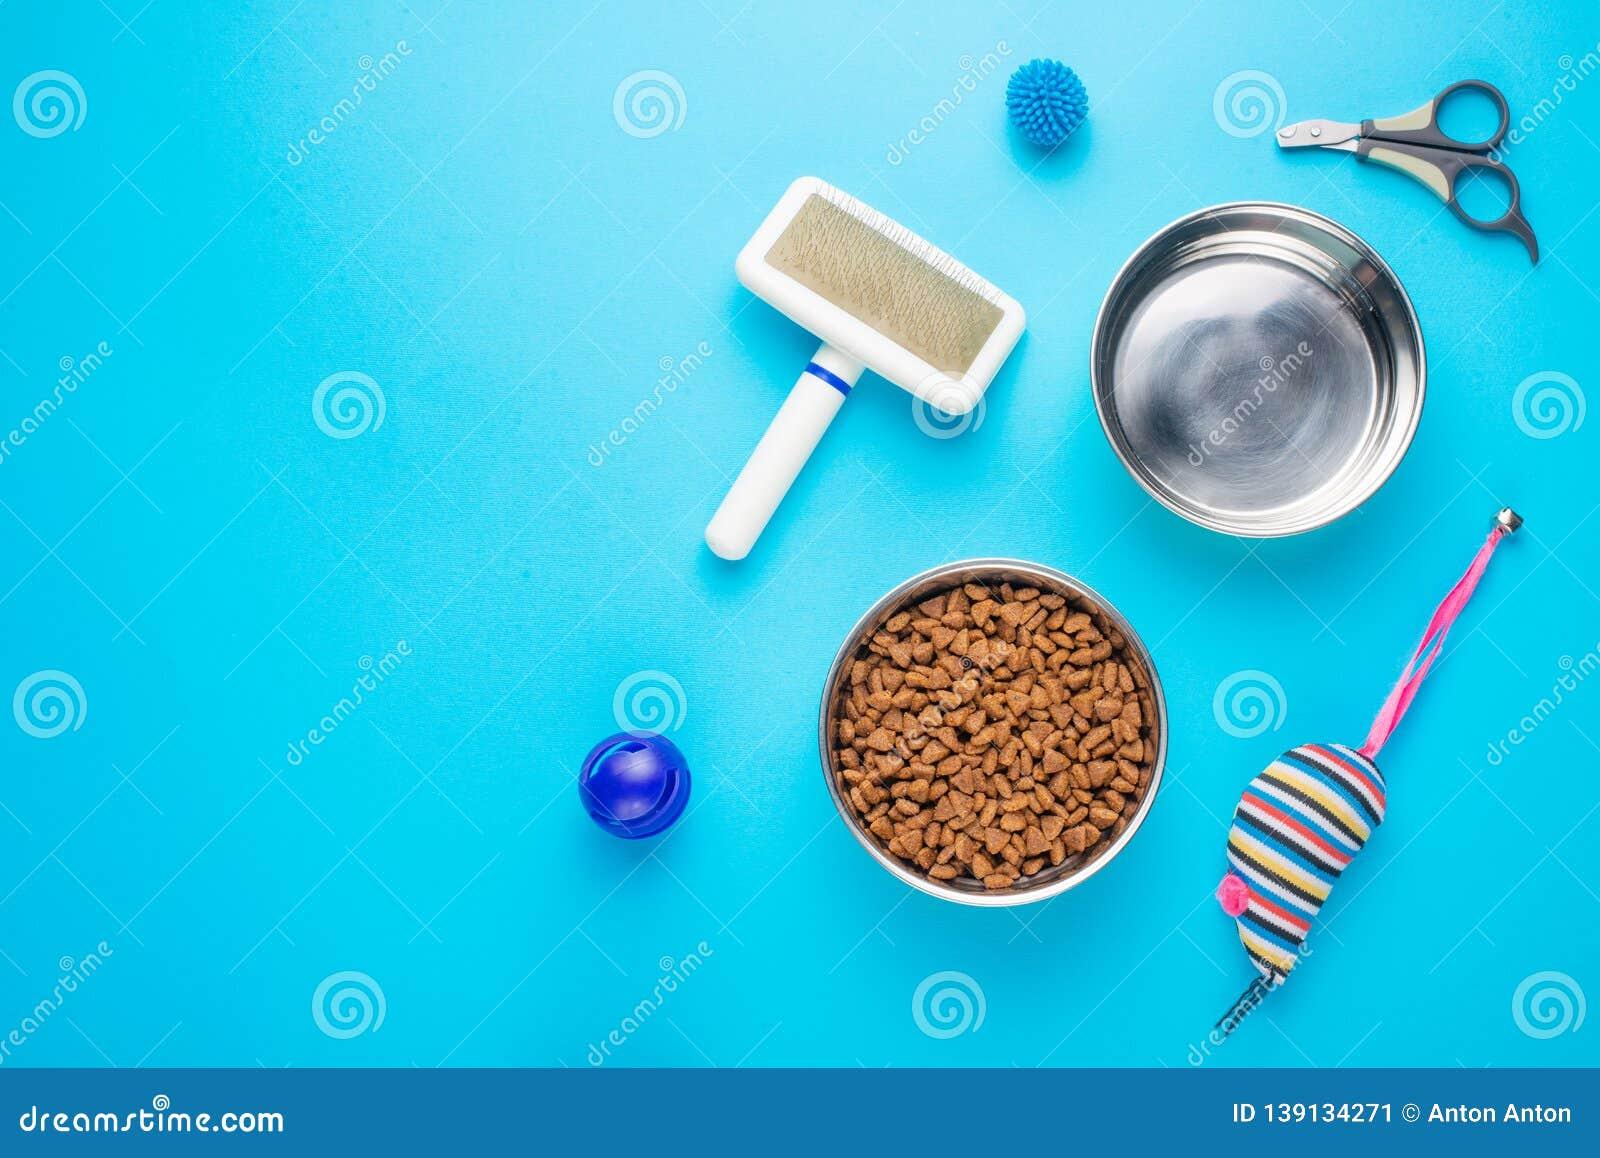 Haustier, Katze, Nahrung und Zusätze der flachen Lage des Katzenlebens, mit Raum für Entwurf, auf blauem Hintergrund